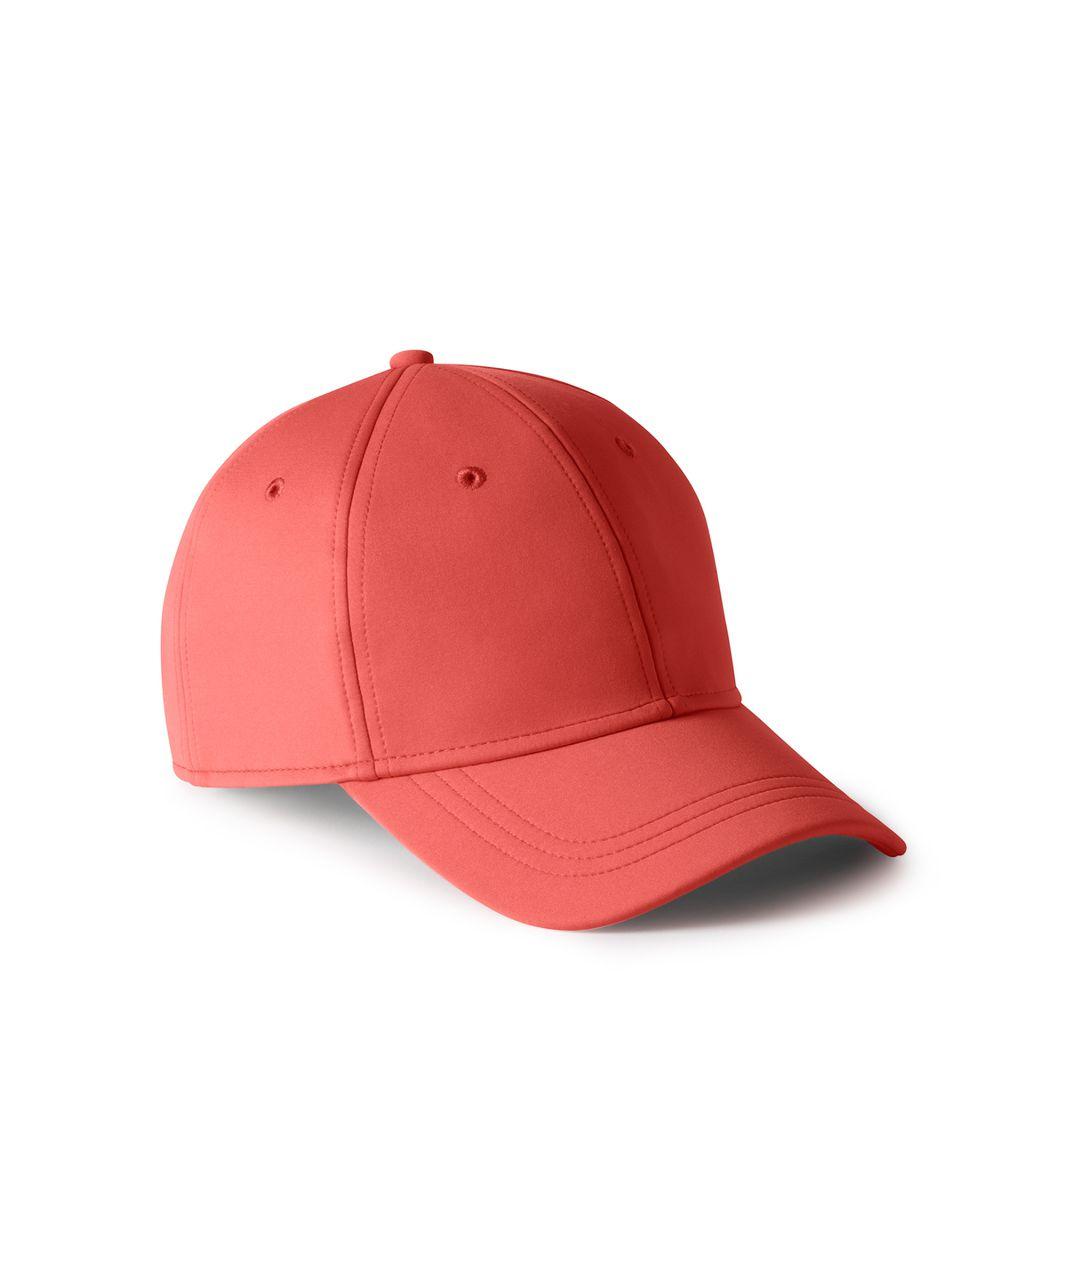 Lululemon Baller Hat - Cape Red